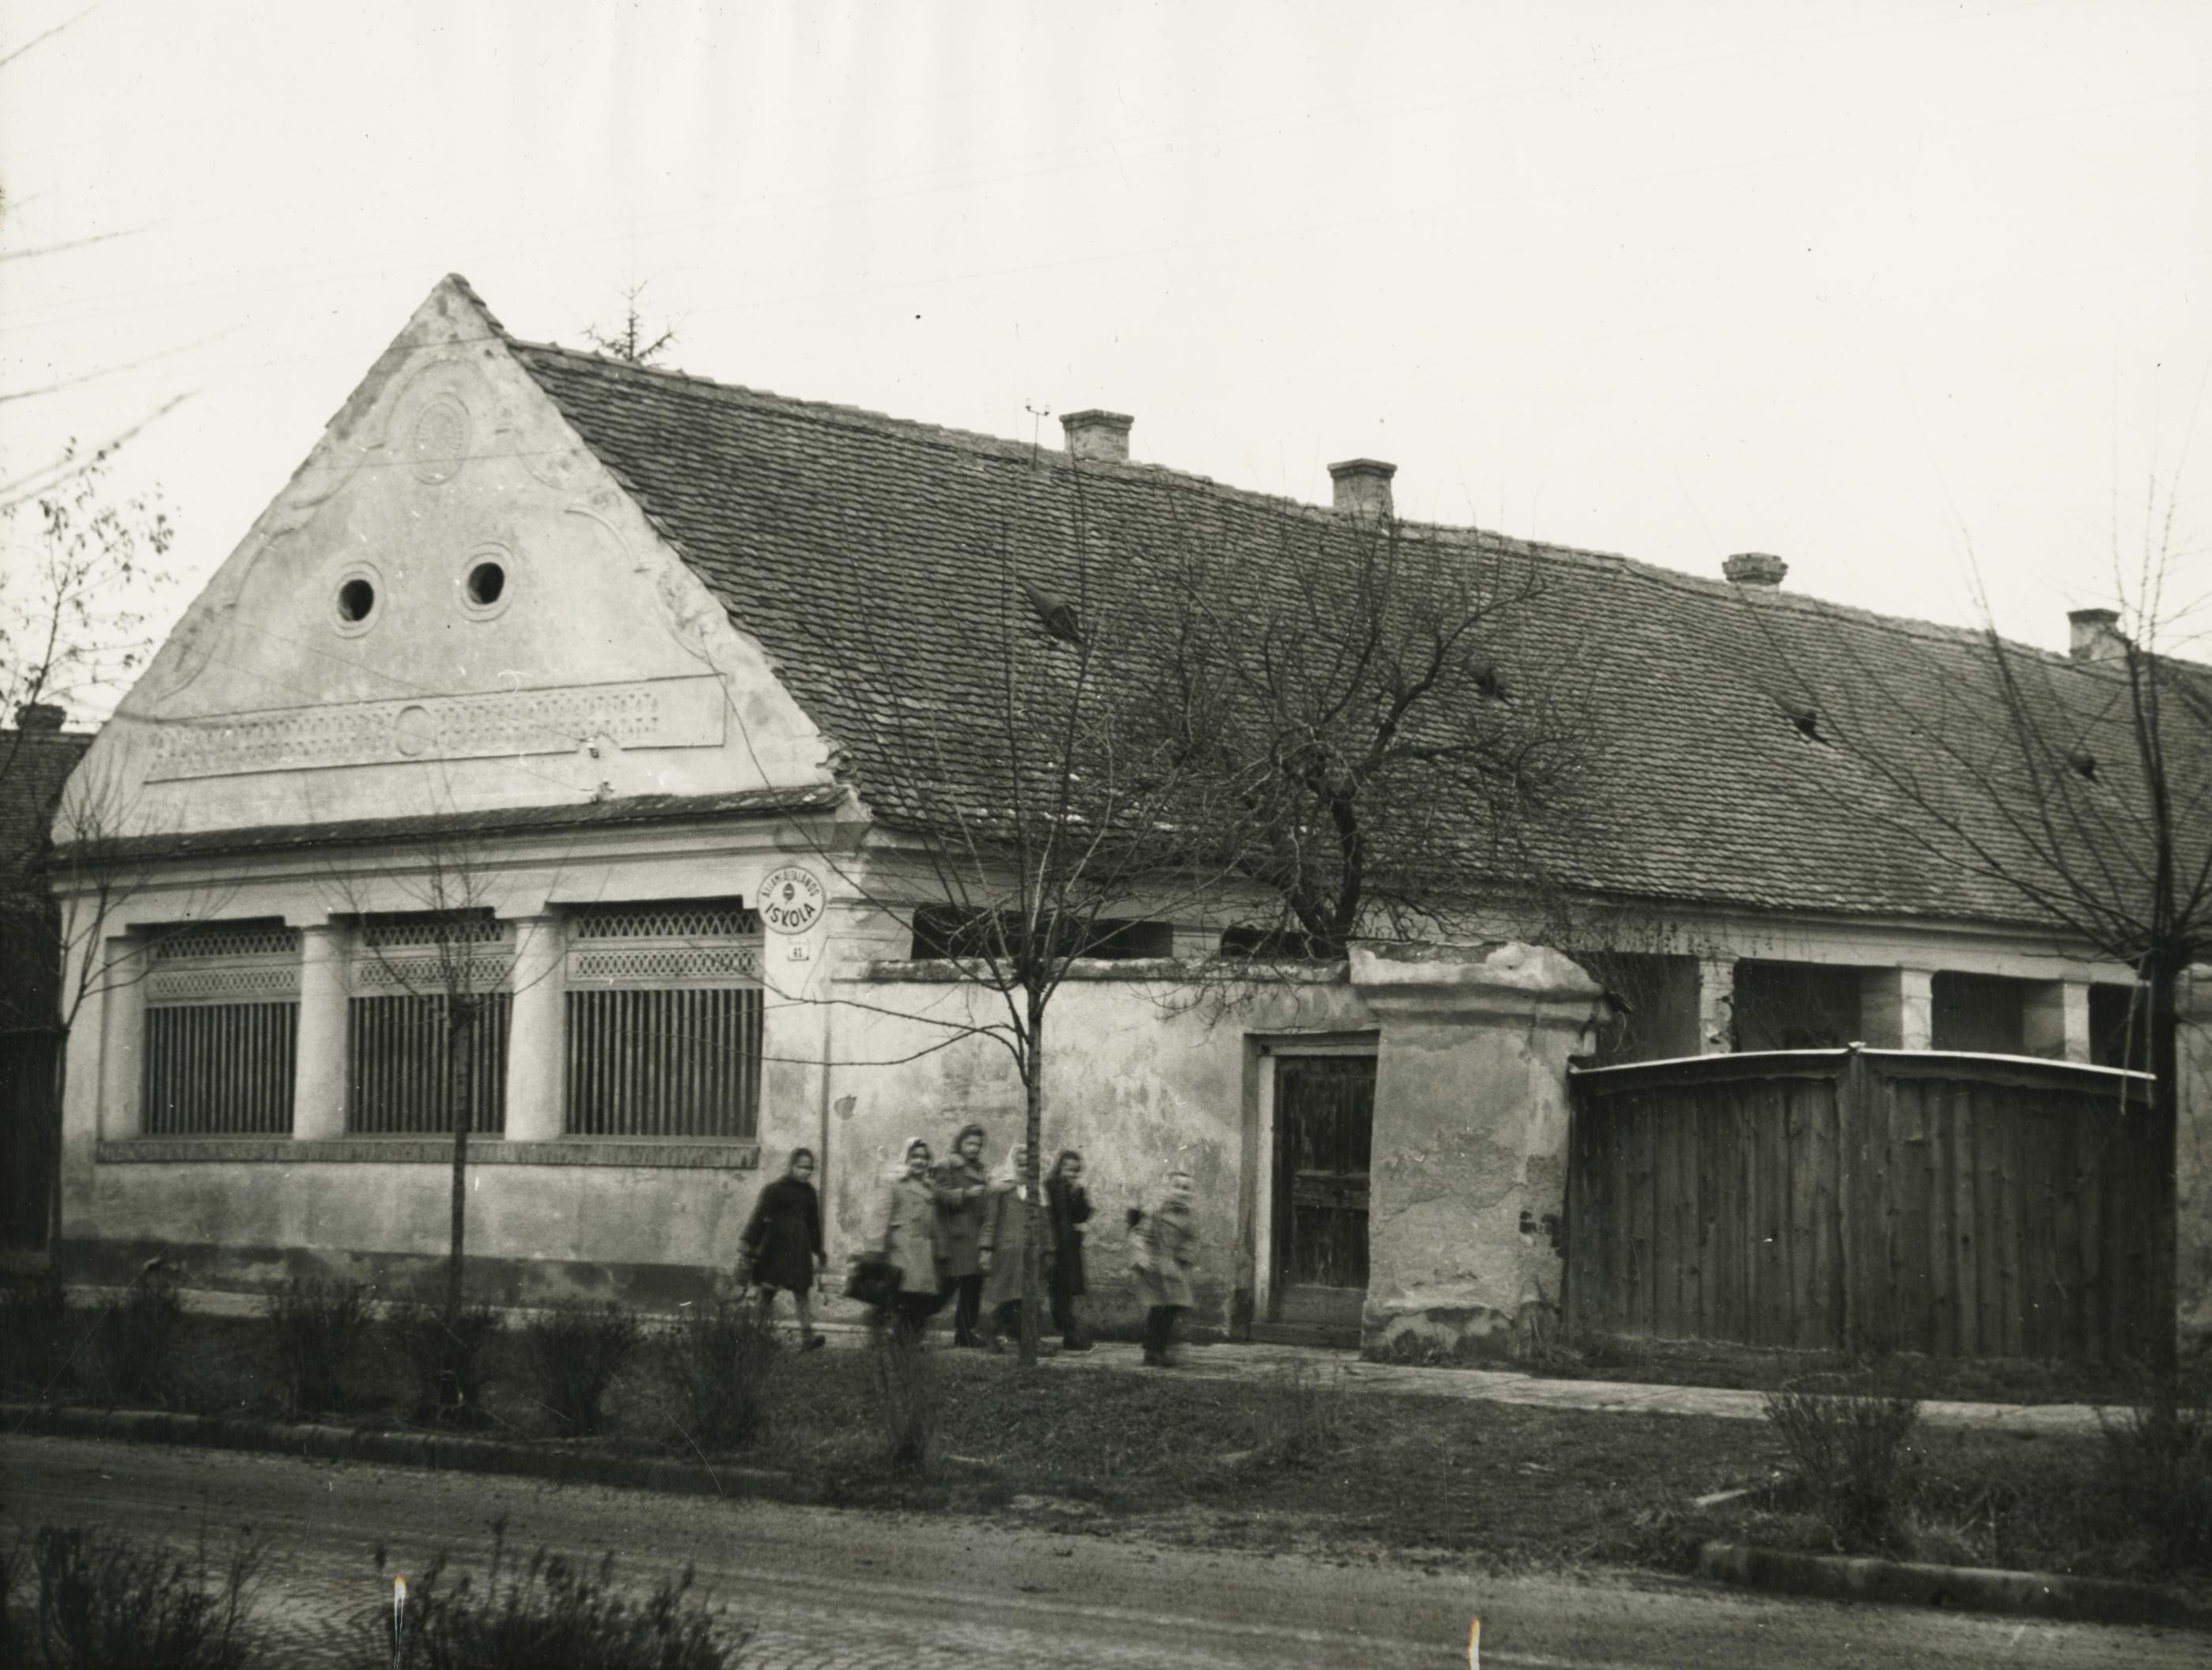 A békési Petőfi Sándor utca 41. szám alatti általános iskola